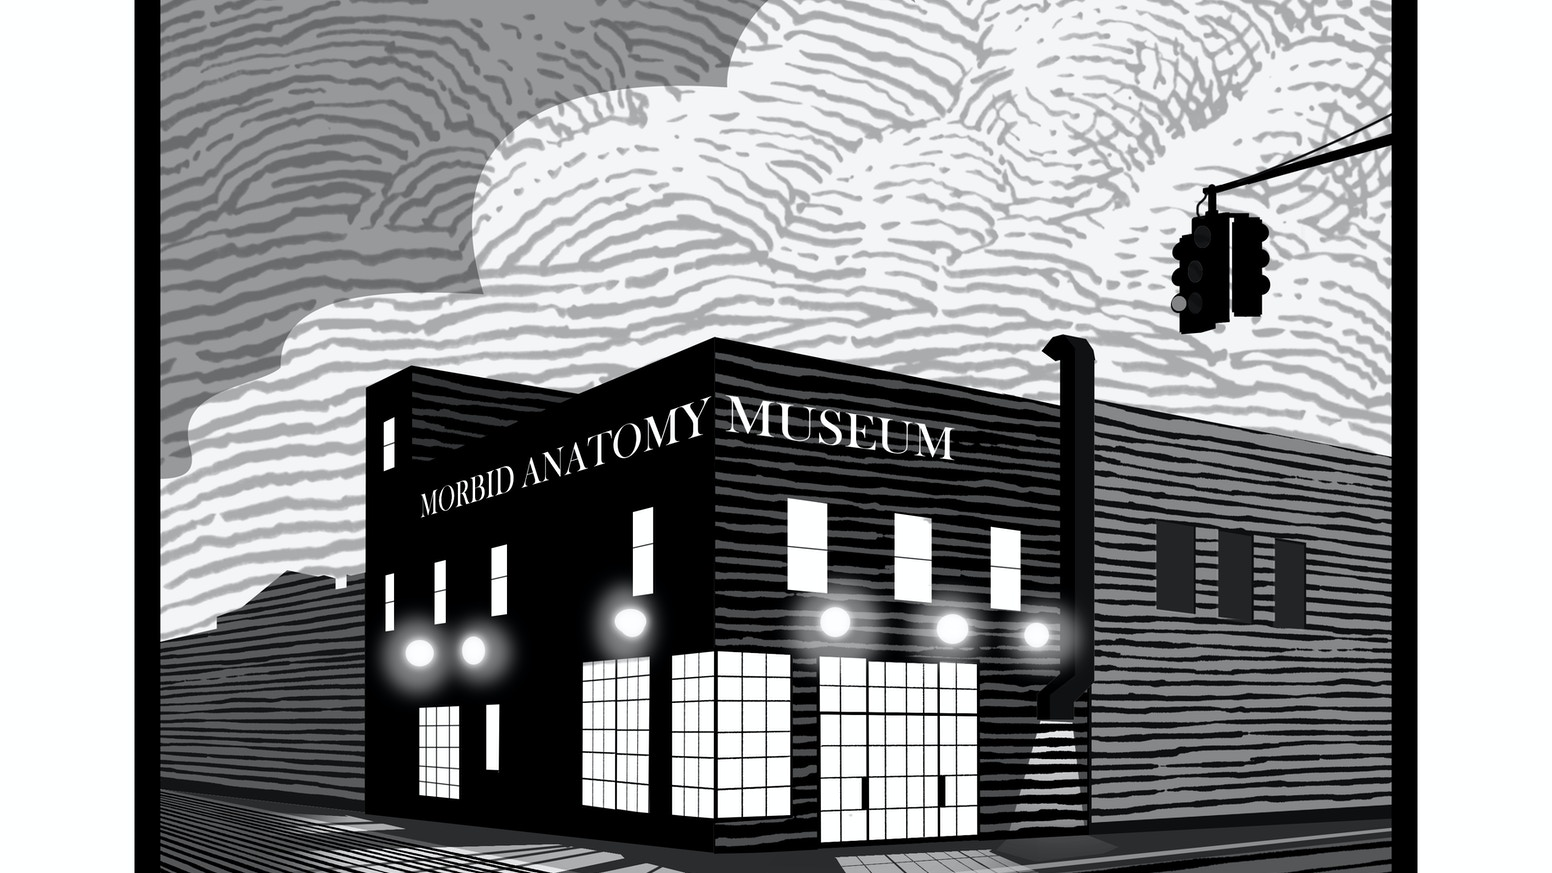 The Morbid Anatomy Museum By Morbid Anatomy Museum Kickstarter